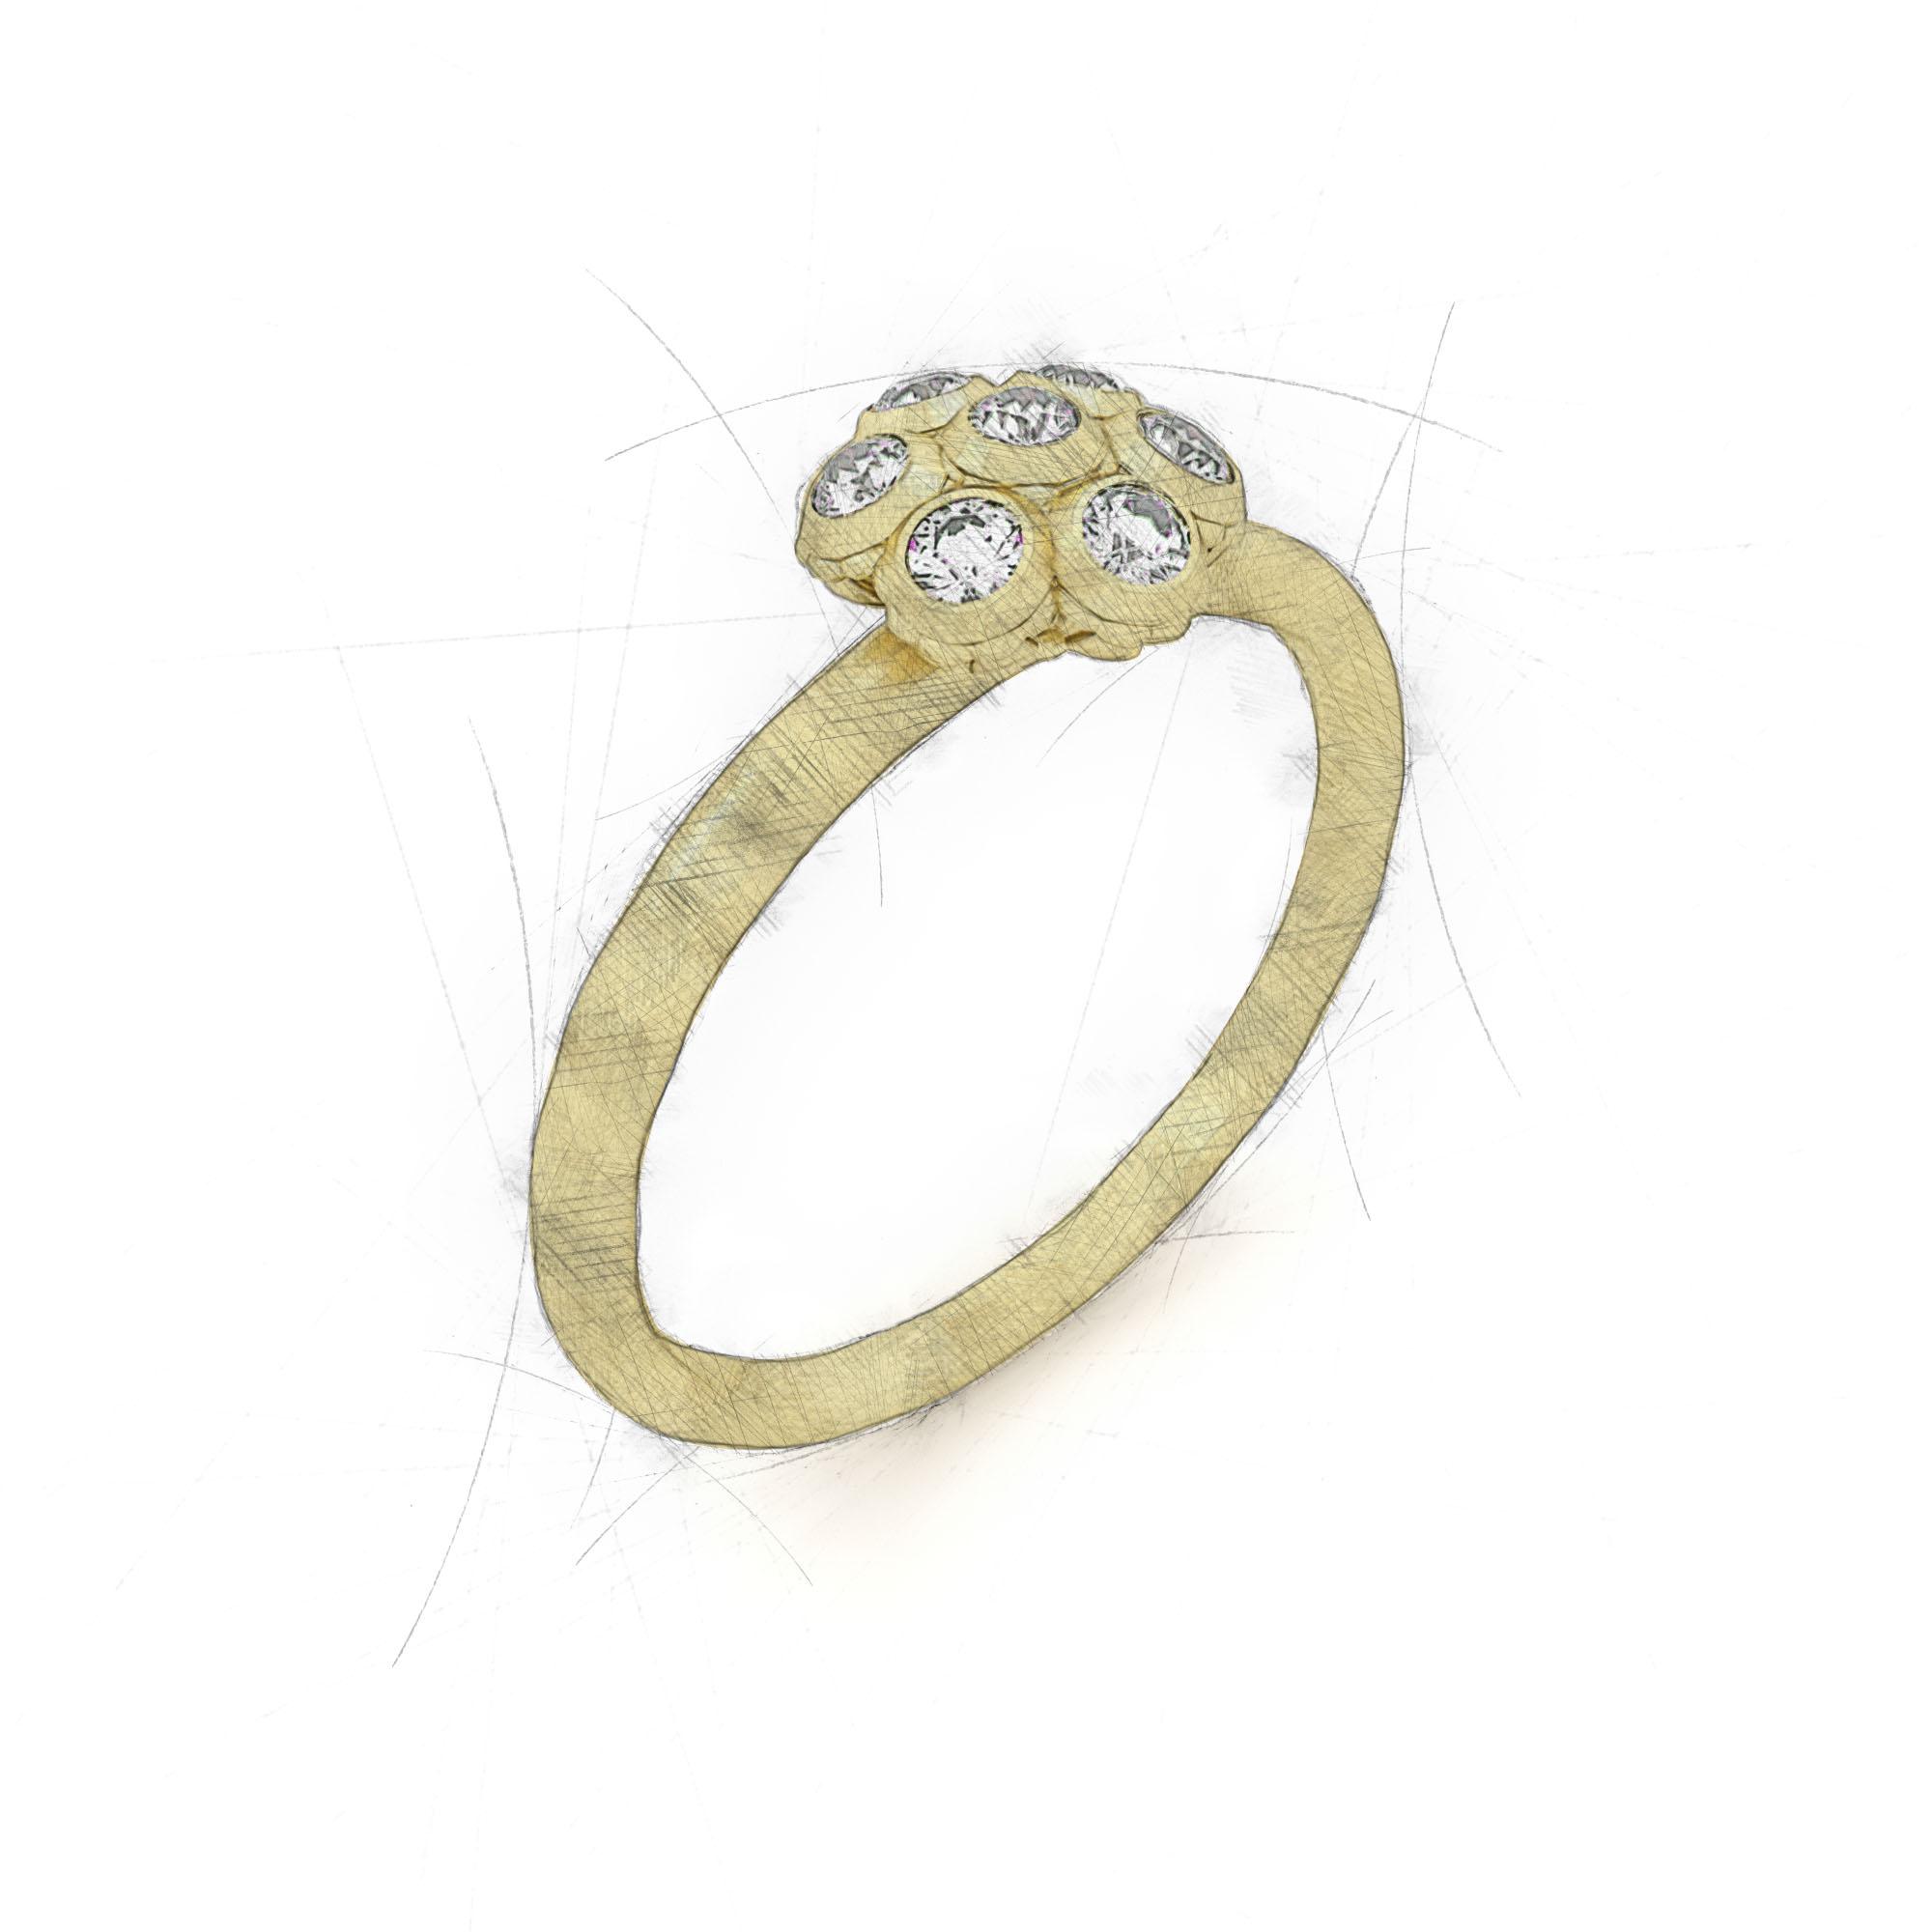 Ring von Filiotti mit einer Blume aus Brillanten